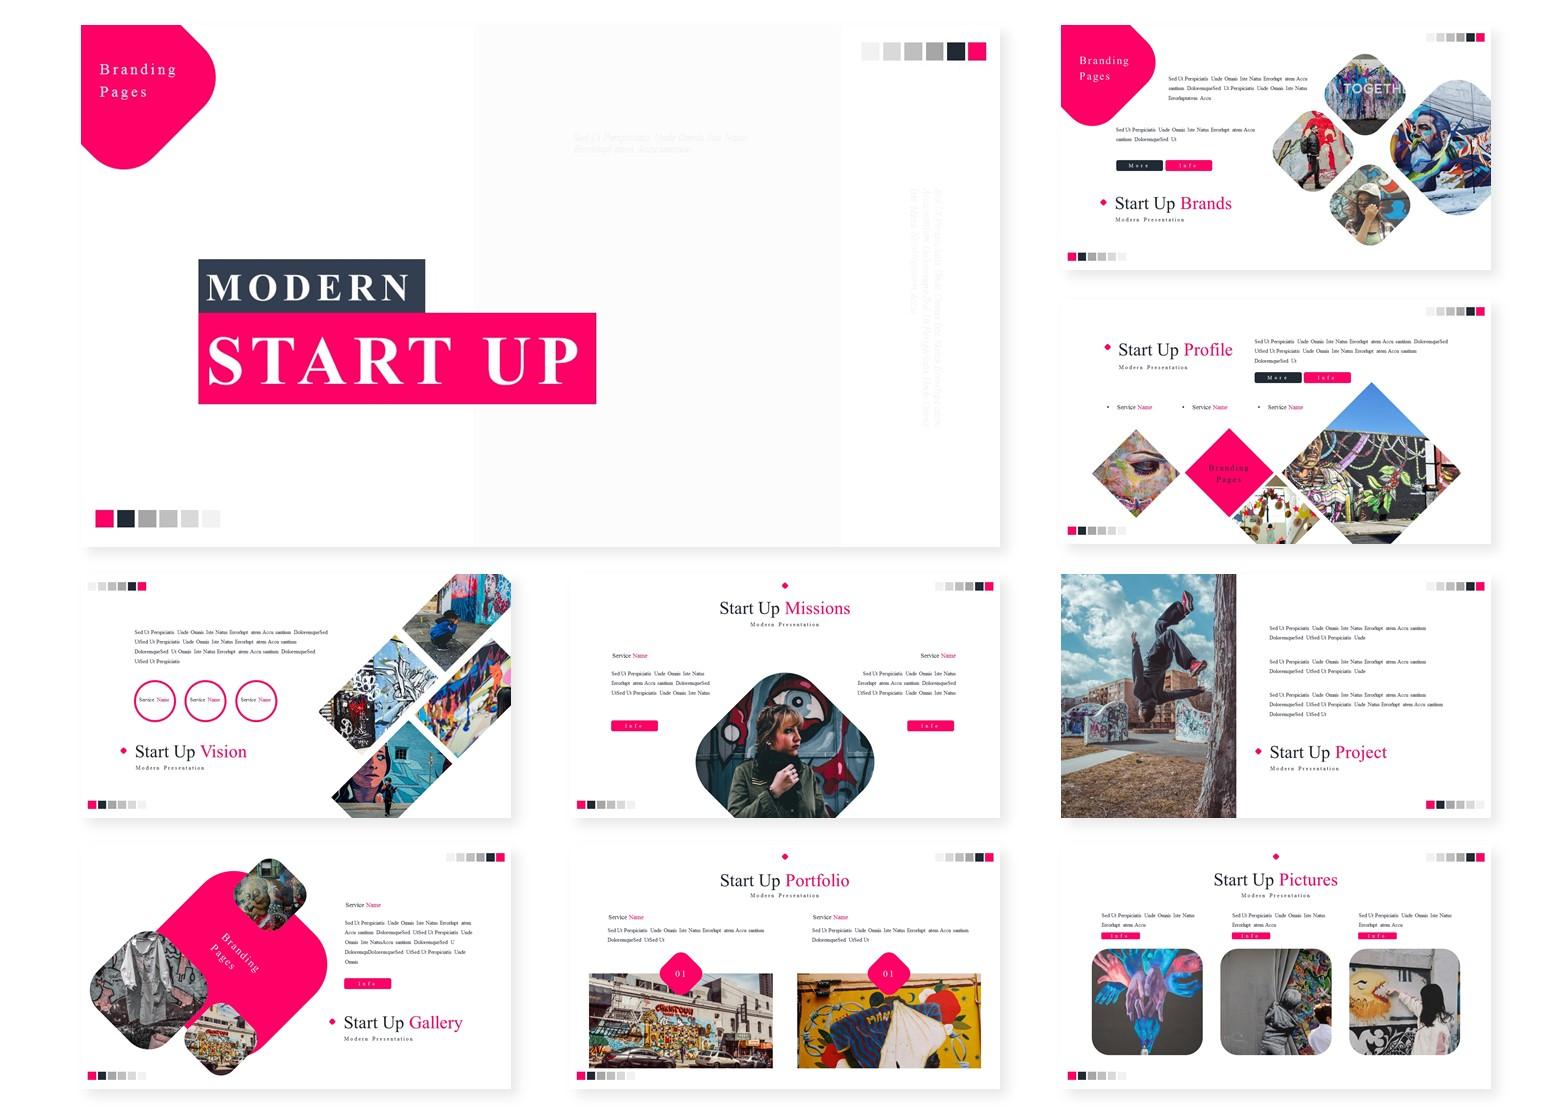 Modern Start Up   PowerPoint Template